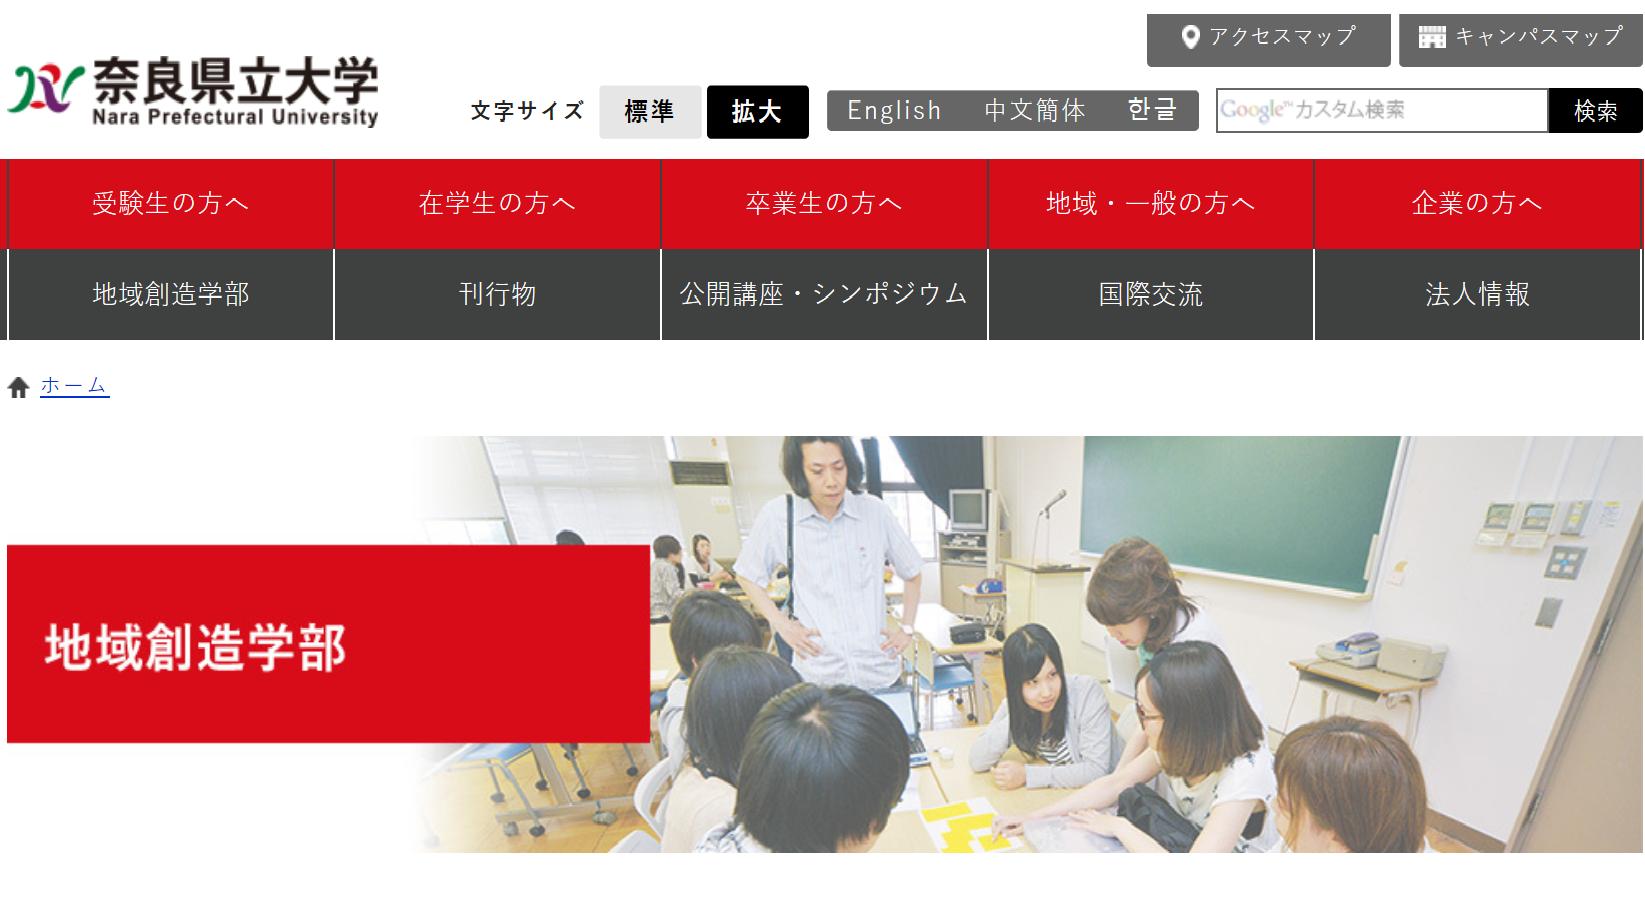 奈良県立大学の評判・口コミ【地域創造学部編】